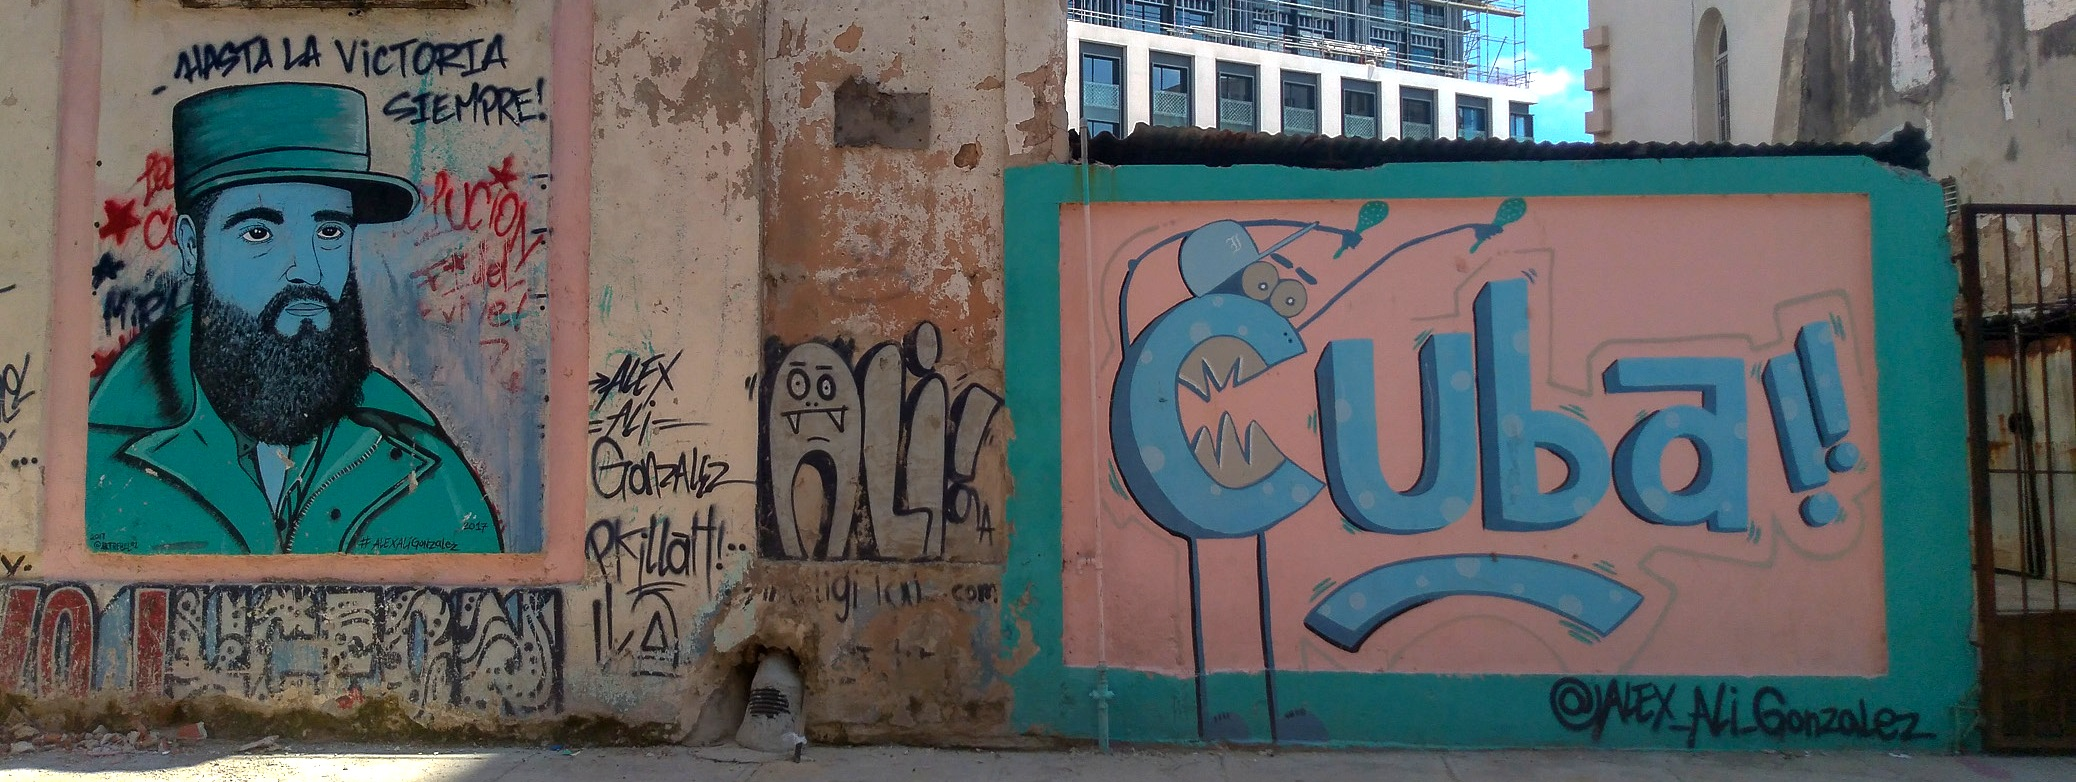 Kuba (9 of 1) — kopia.jpg